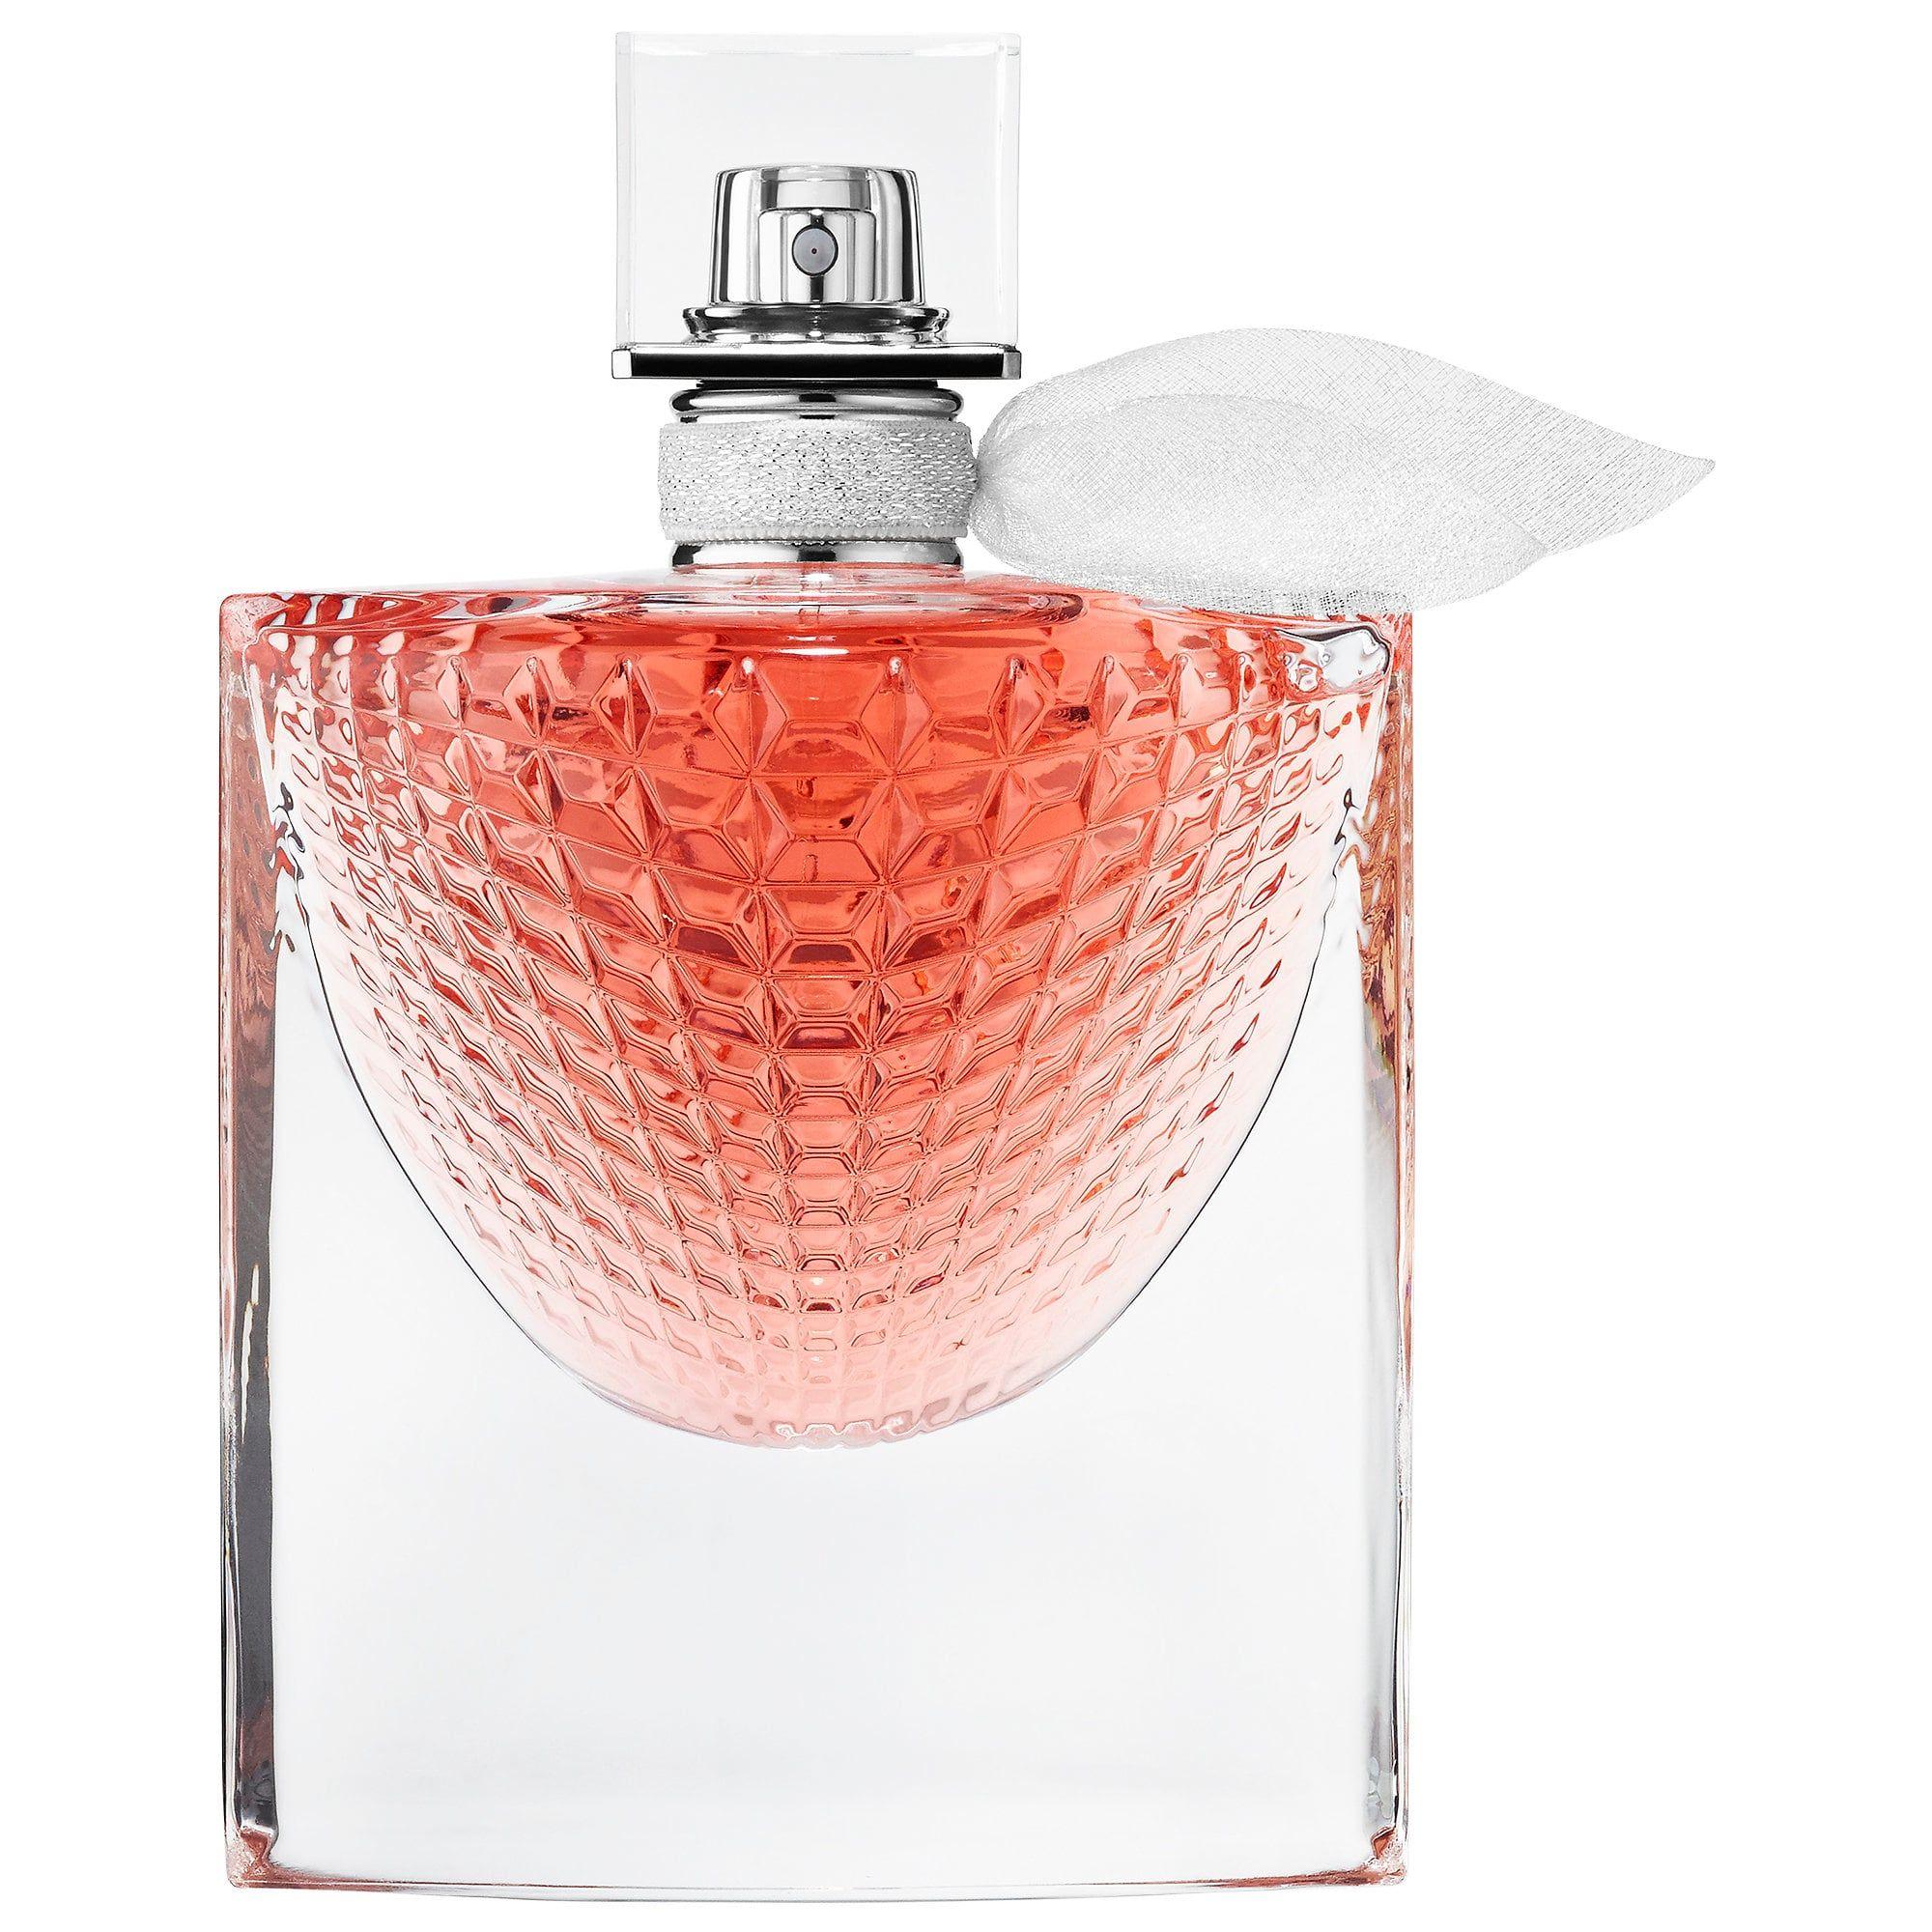 Lancôme 1 Belle La Eau Ml Est 7 Parfum L'eclat Oz 50 De Vie txQrsdCh